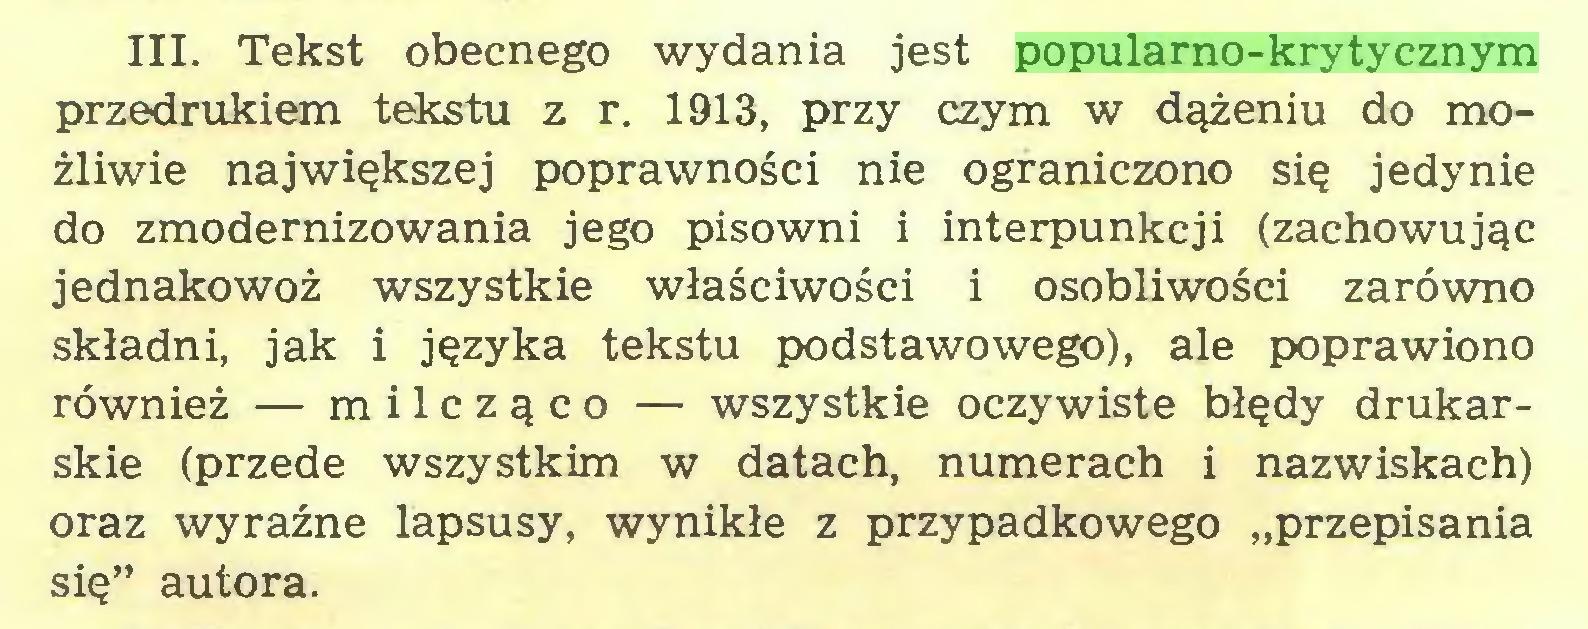 """(...) III. Tekst obecnego wydania jest popularno-krytycznym przedrukiem tekstu z r. 1913, przy czym w dążeniu do możliwie największej poprawności nie ograniczono się jedynie do zmodernizowania jego pisowni i interpunkcji (zachowując jednakowoż wszystkie właściwości i osobliwości zarówno składni, jak i języka tekstu podstawowego), ale poprawiono również — milcząco — wszystkie oczywiste błędy drukarskie (przede wszystkim w datach, numerach i nazwiskach) oraz wyraźne lapsusy, wynikłe z przypadkowego """"przepisania się"""" autora..."""